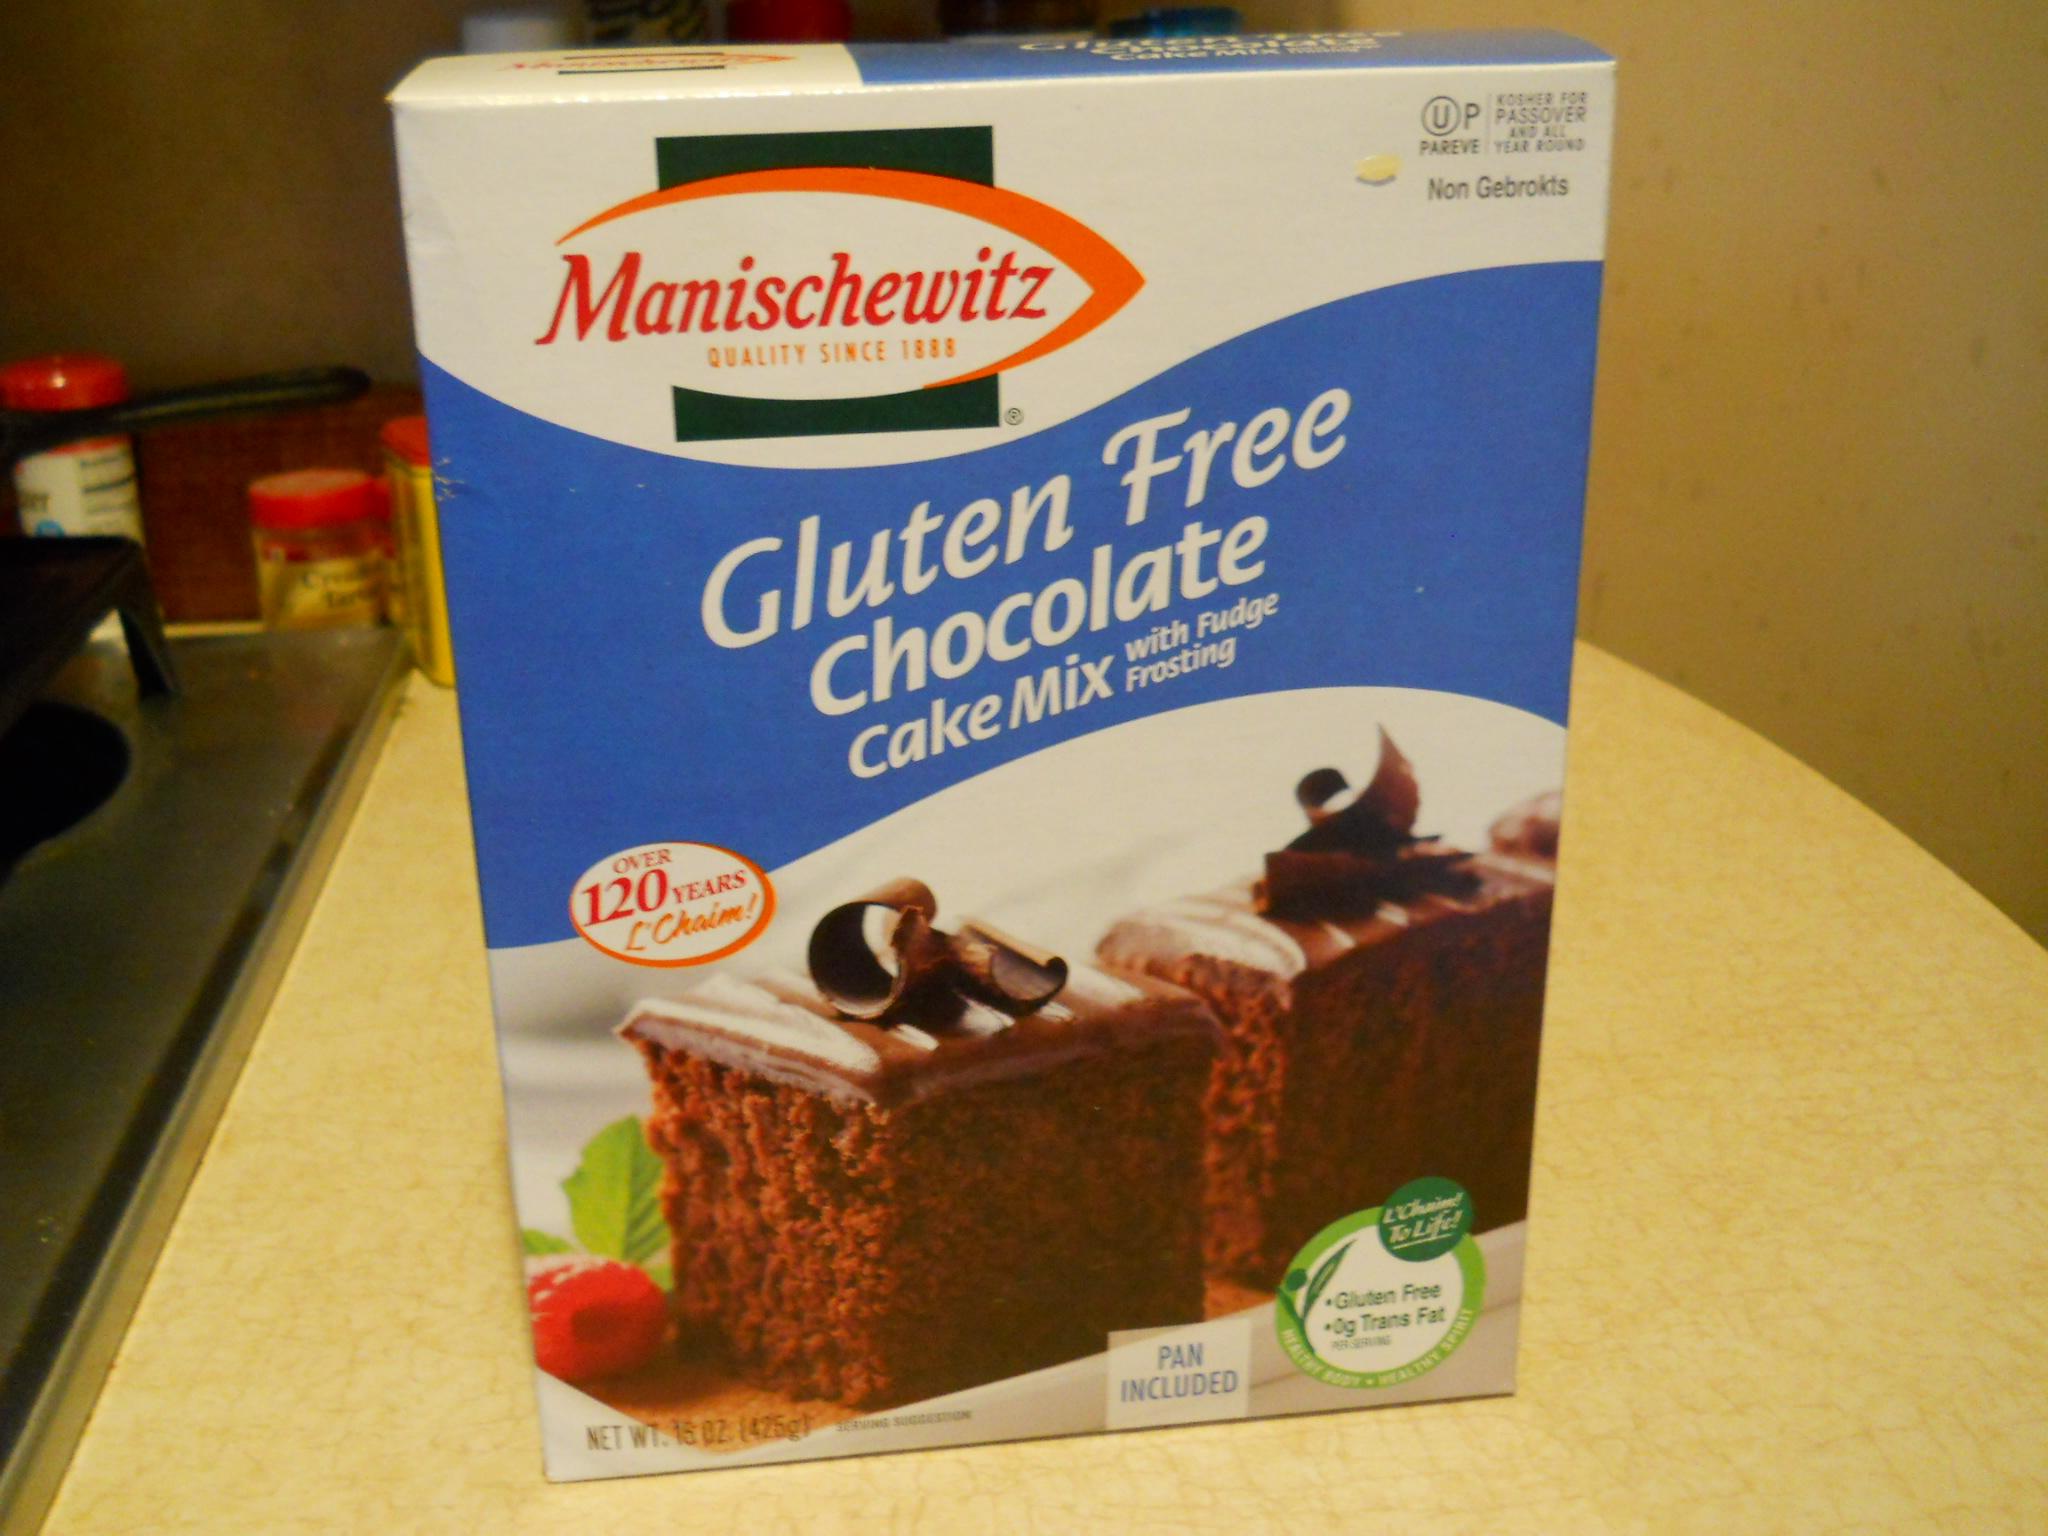 Manischewitz Gluten Free Chocolate Cake Mix Review